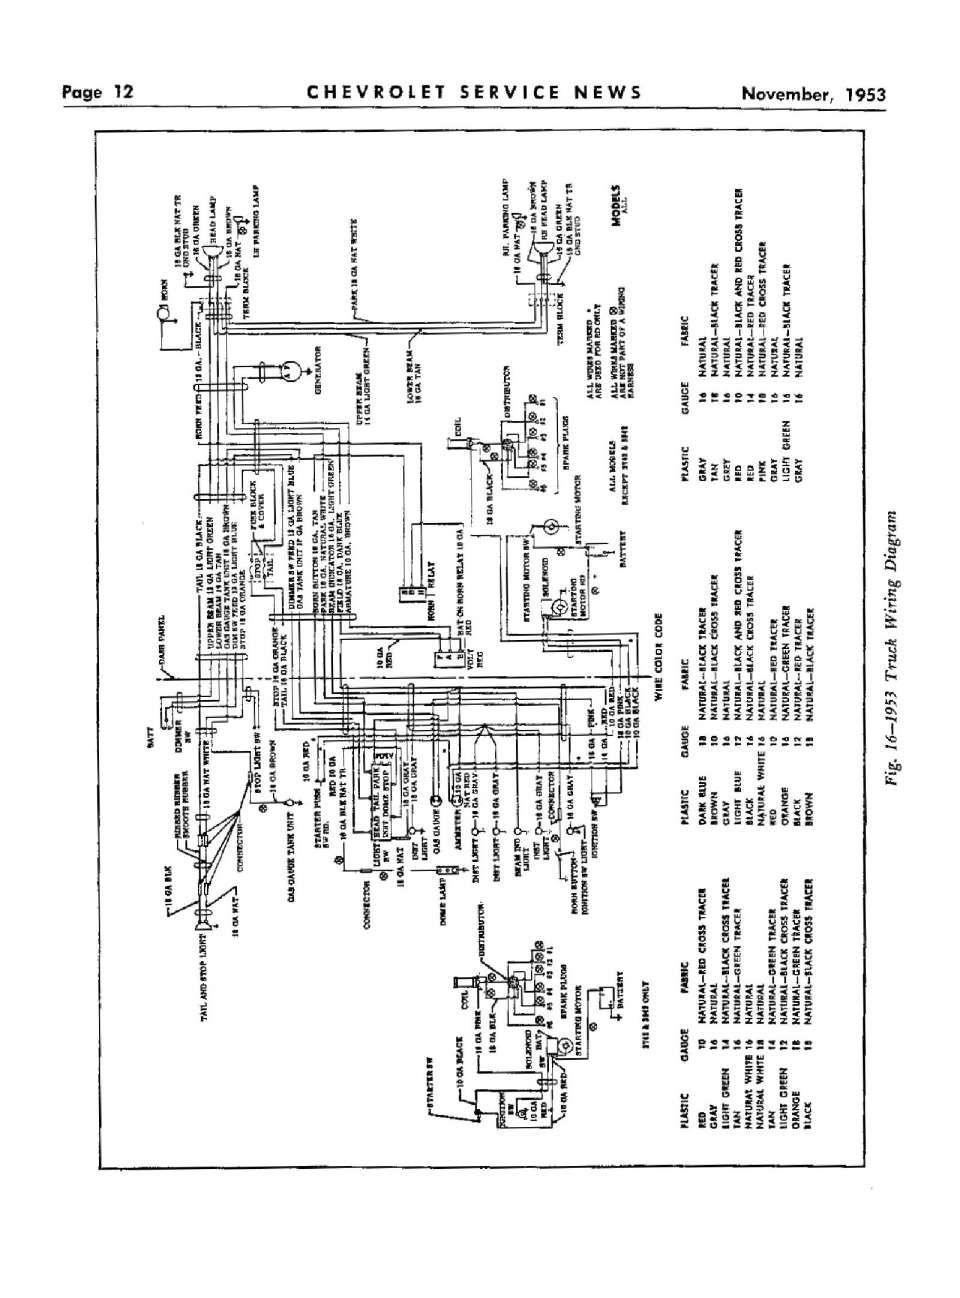 2003 chevrolet silverado 53 p1125 fuse box car wiring diagram